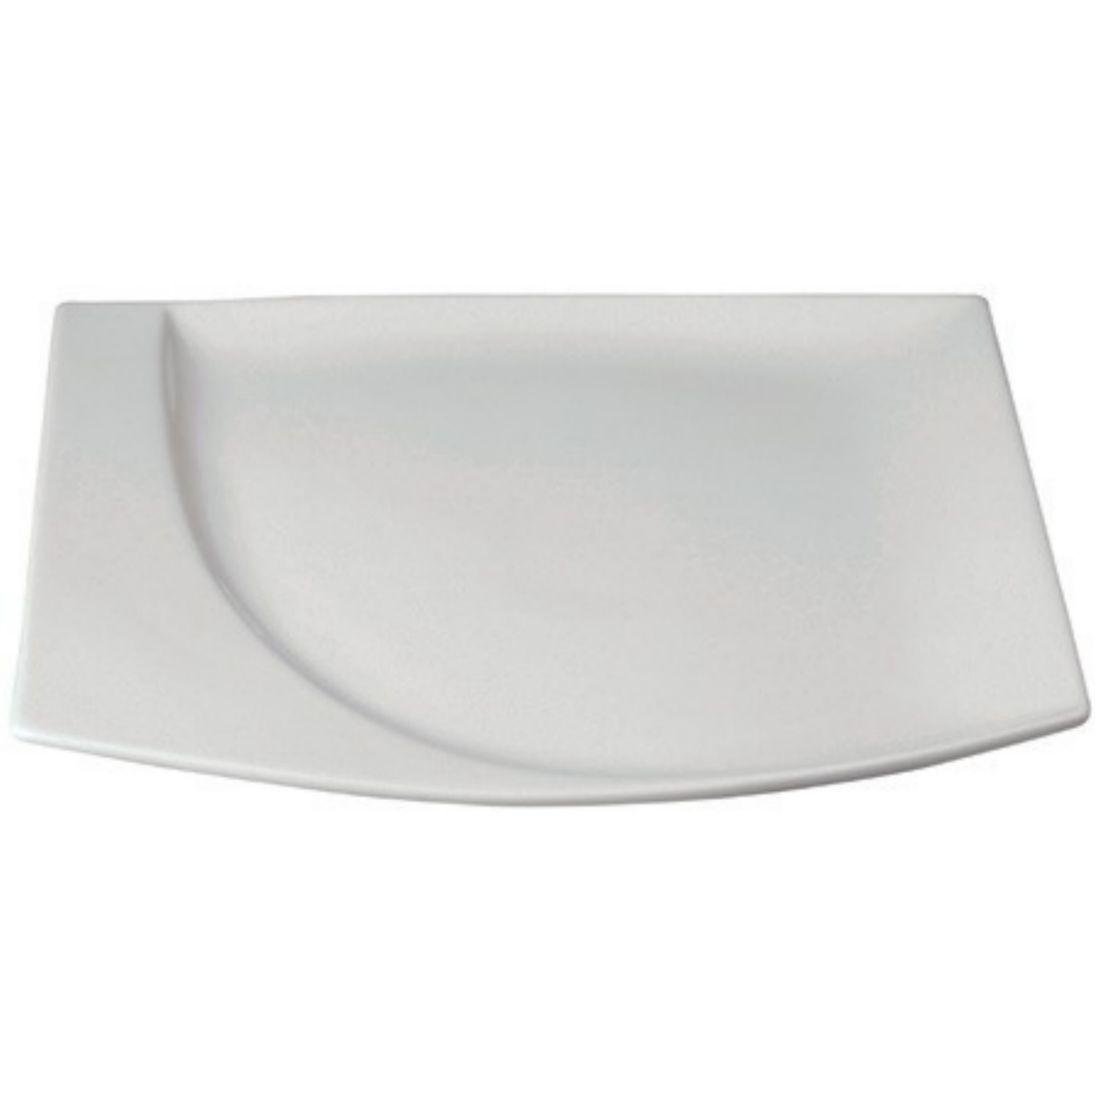 Talíř mělký čtvercový 26 x 23,5 cm